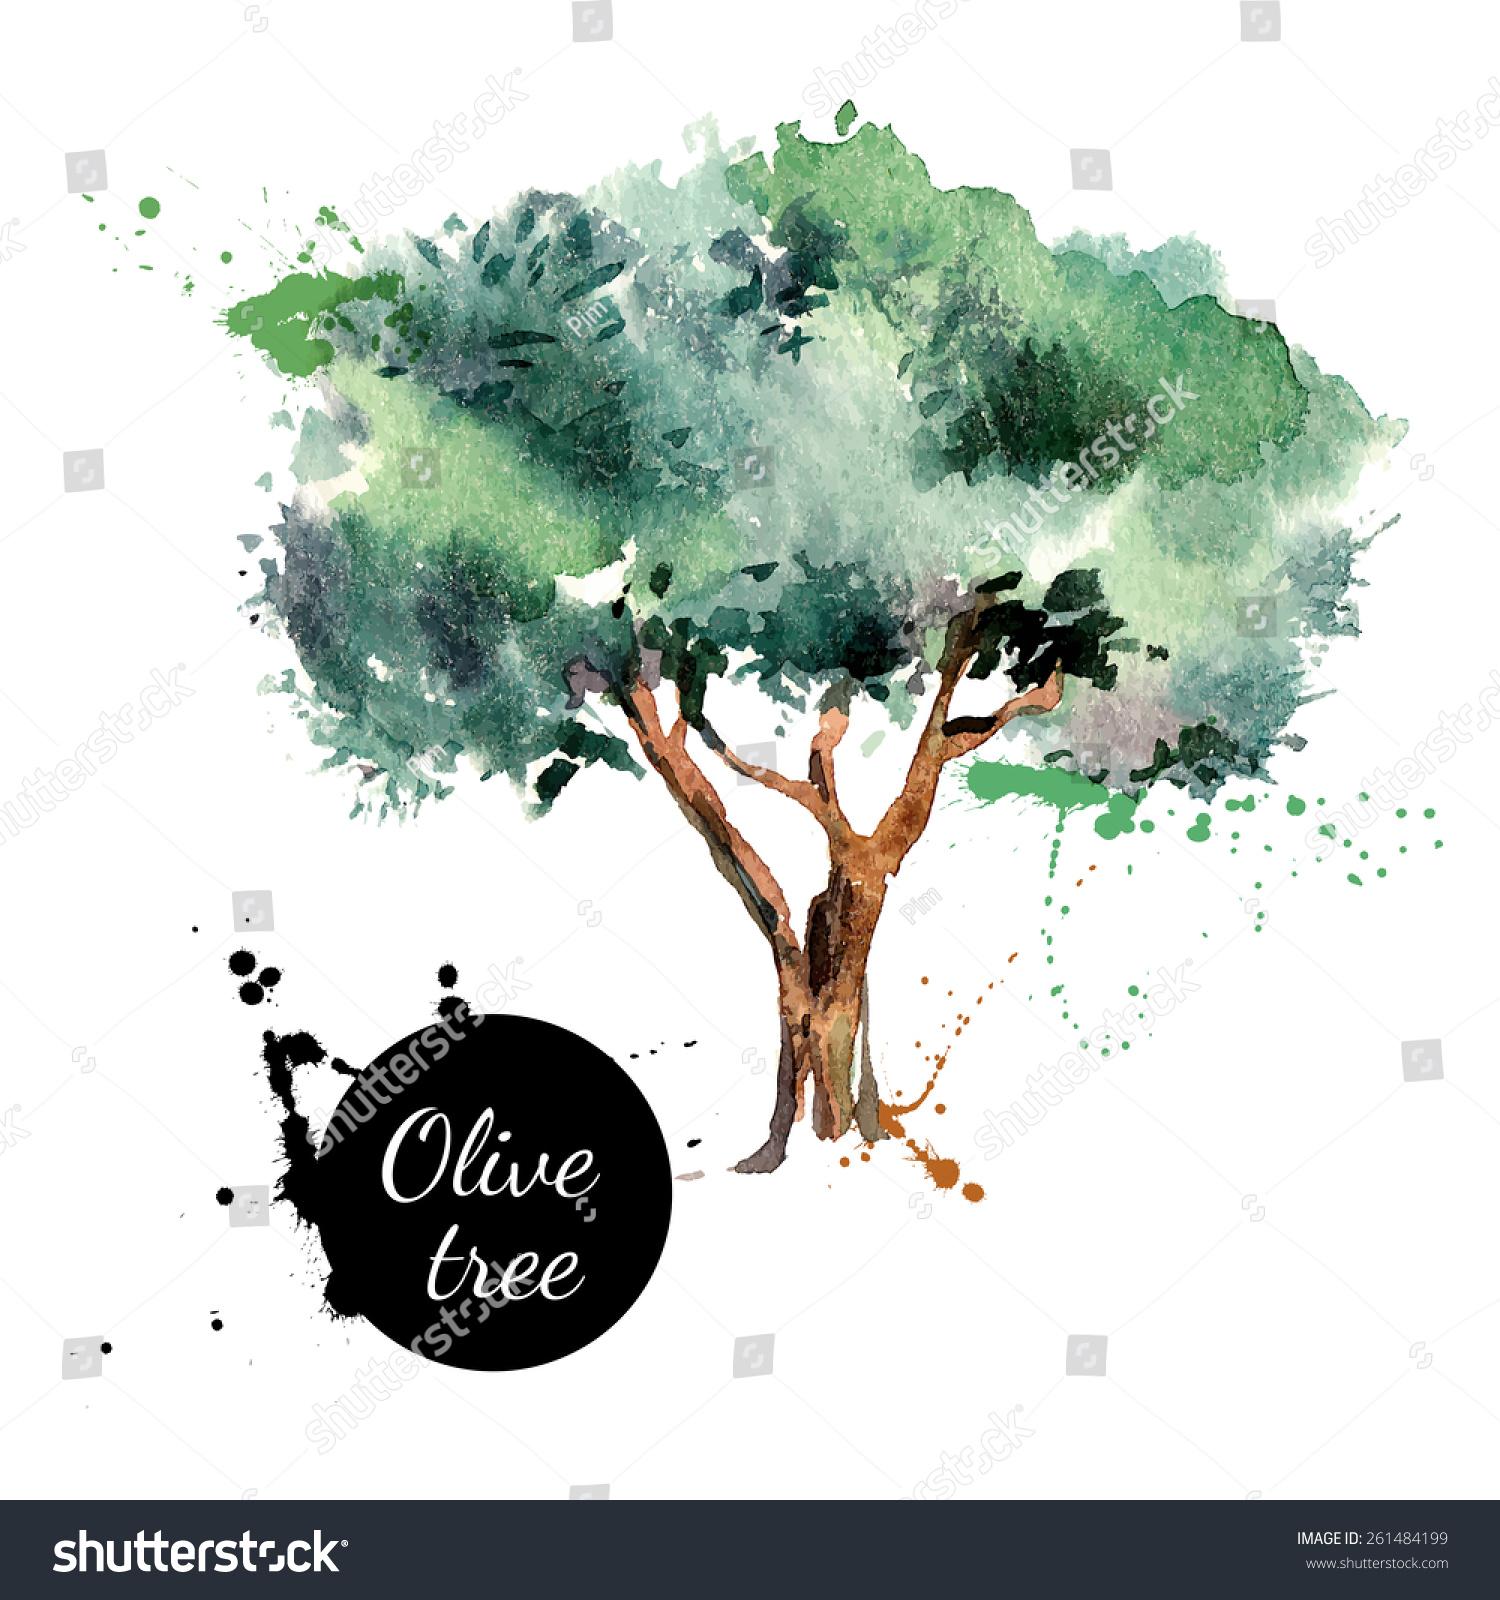 橄榄树矢量插图.手绘水彩画在白色背景上